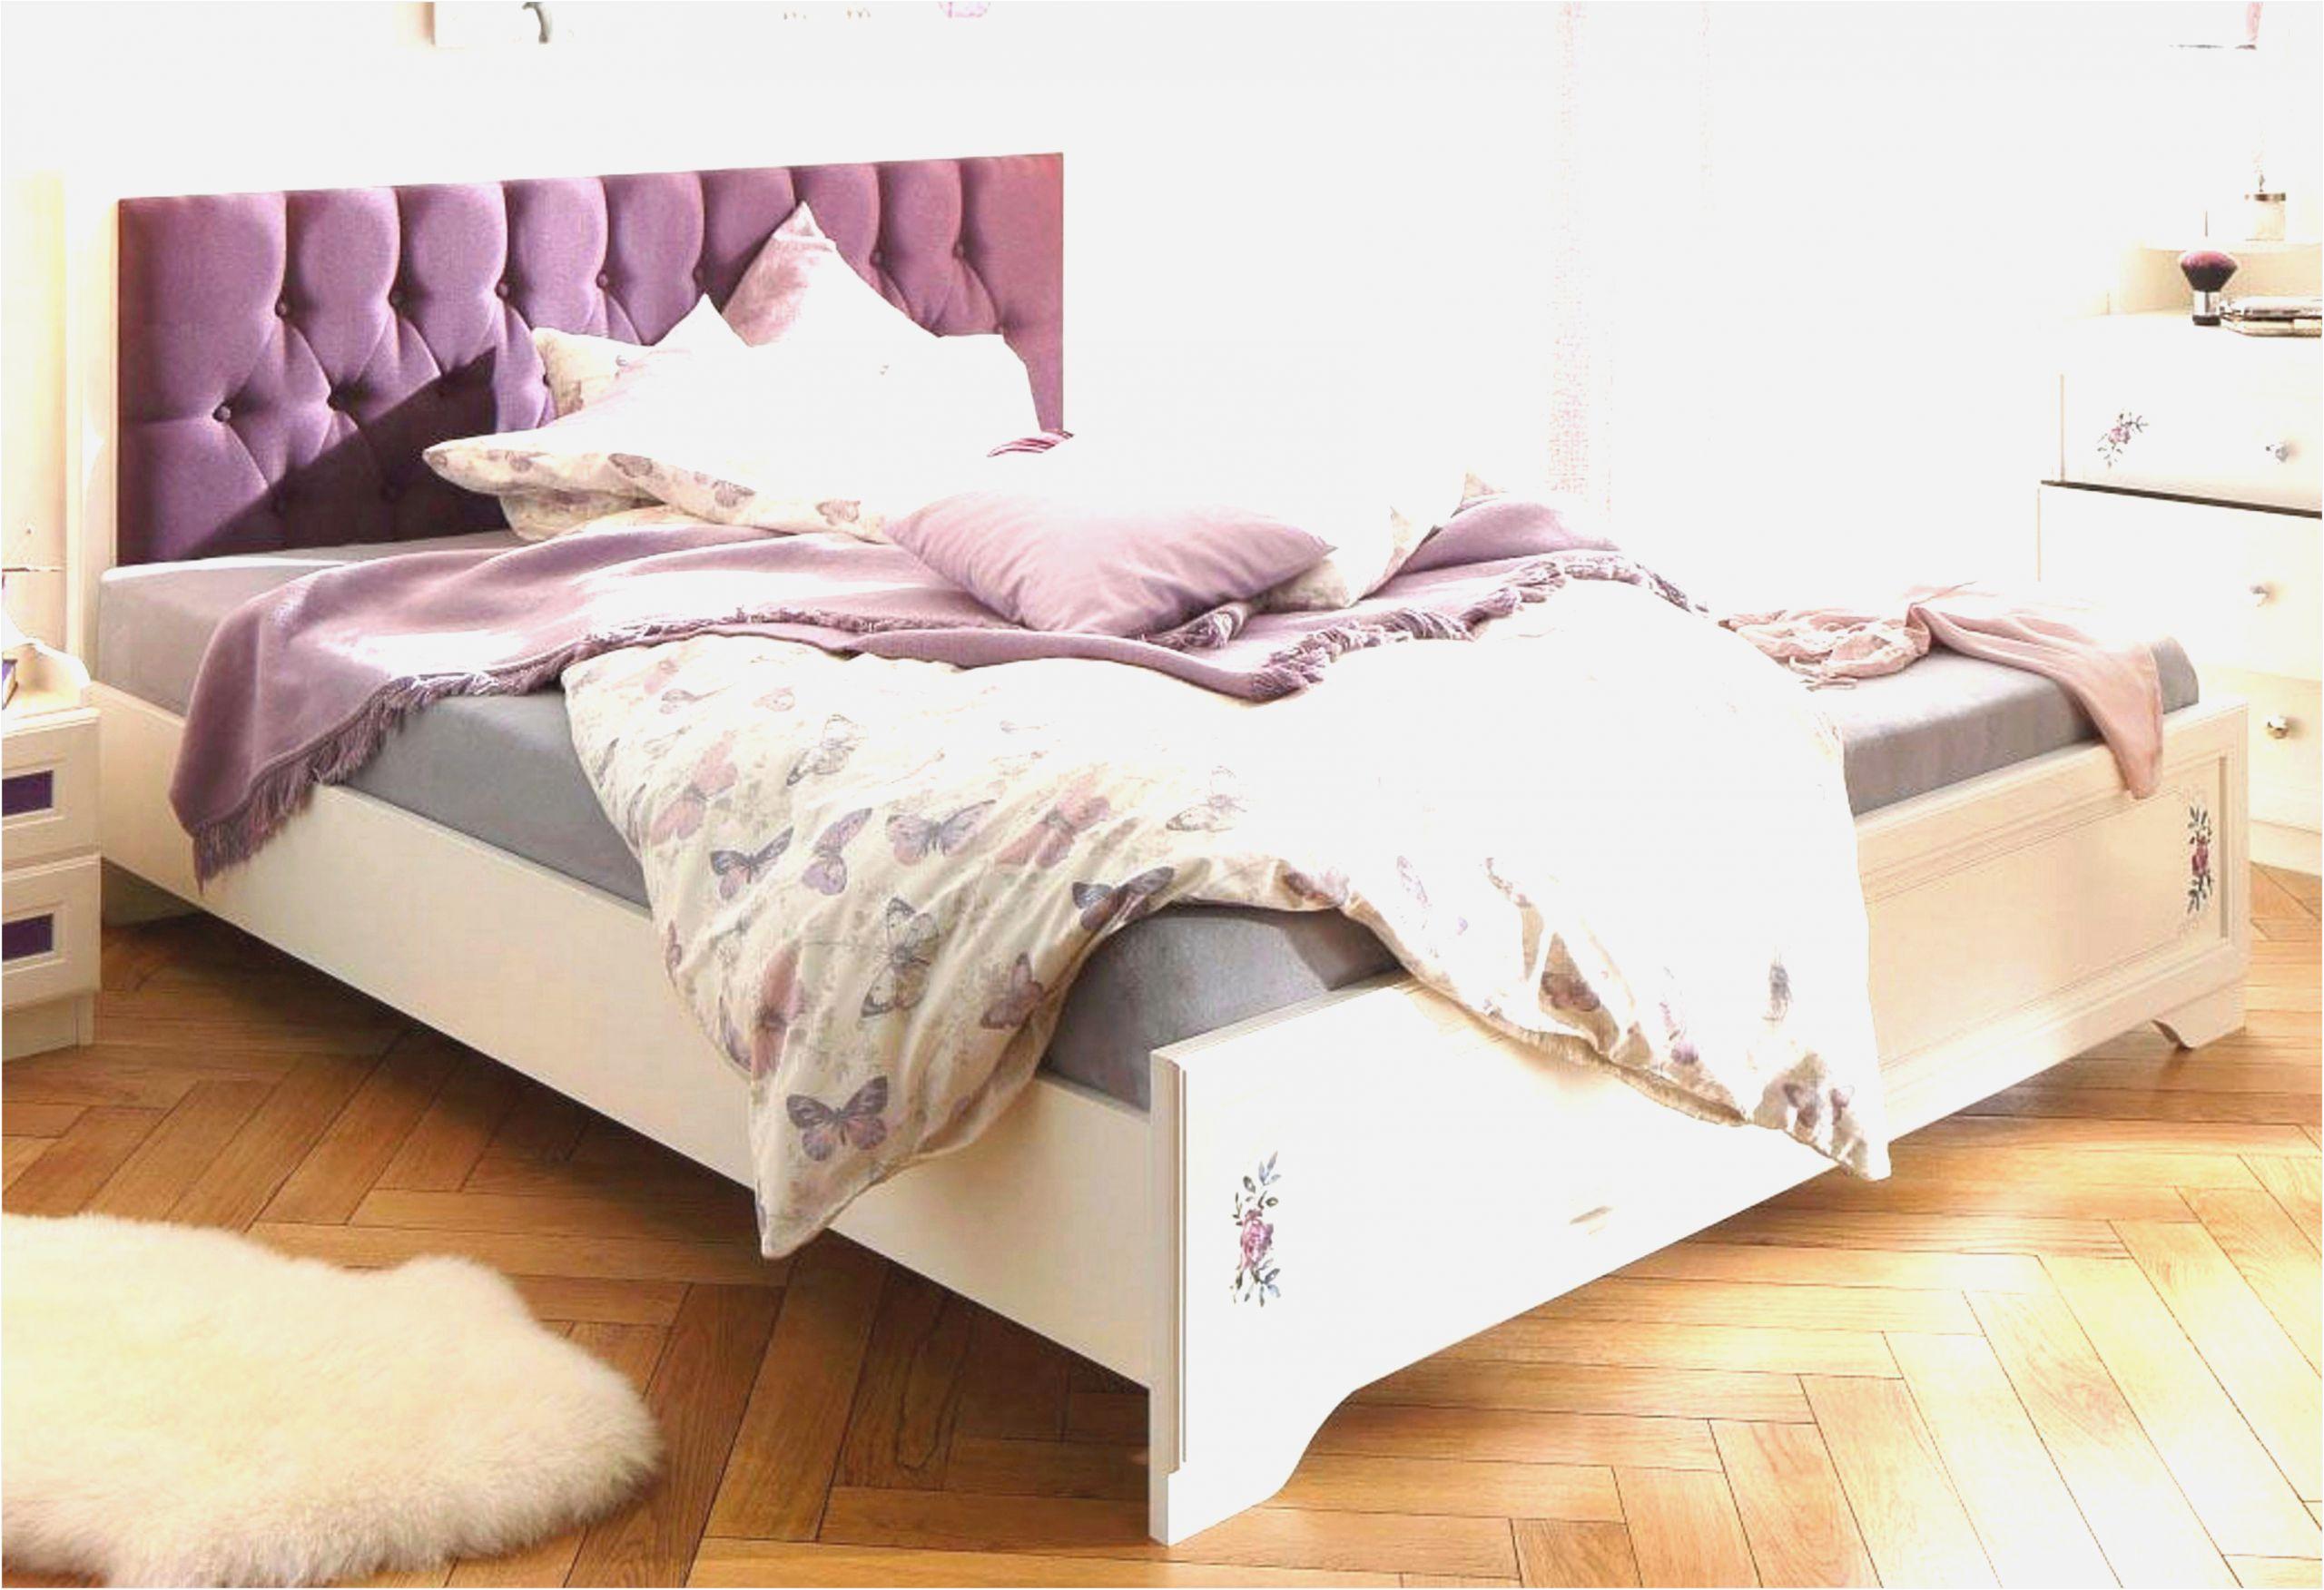 schlafzimmer deko rauchblau und grau of schlafzimmer deko rauchblau und grau scaled